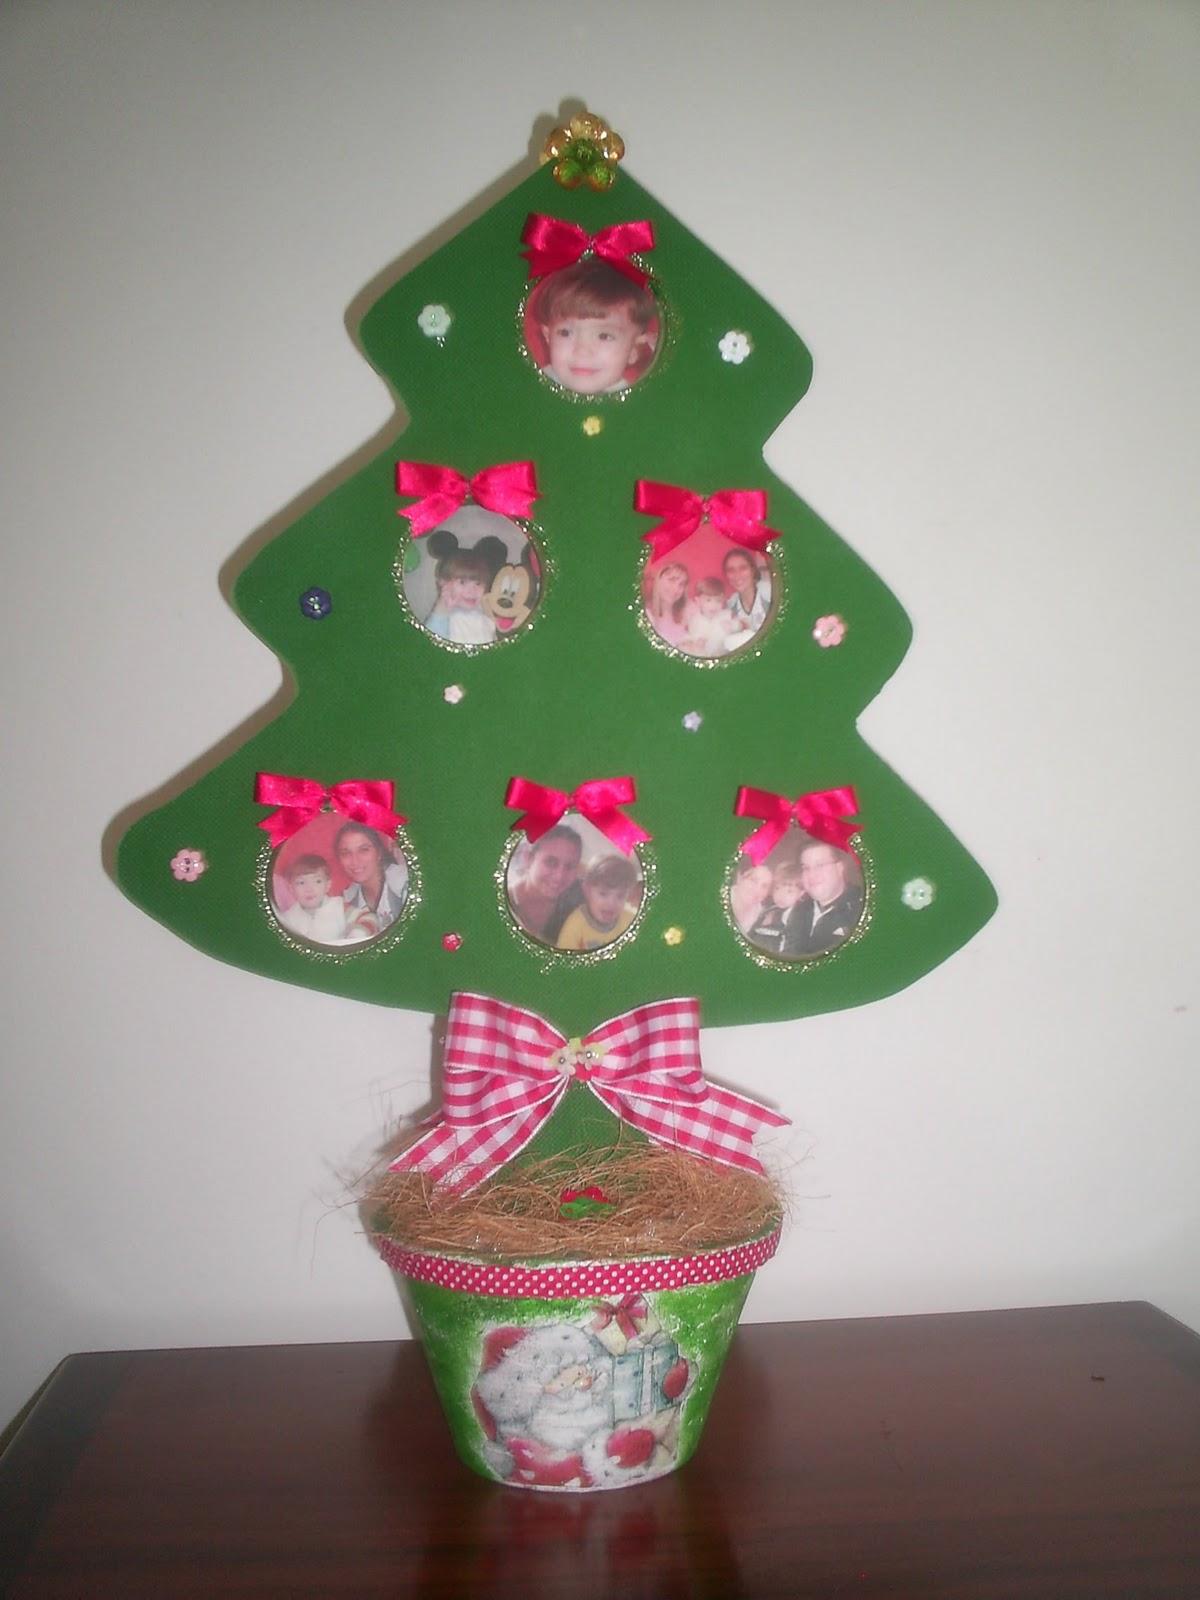 decoracao festa natal:Postado por Pitanga Porã Decoração de Festa Infantil às 16:50